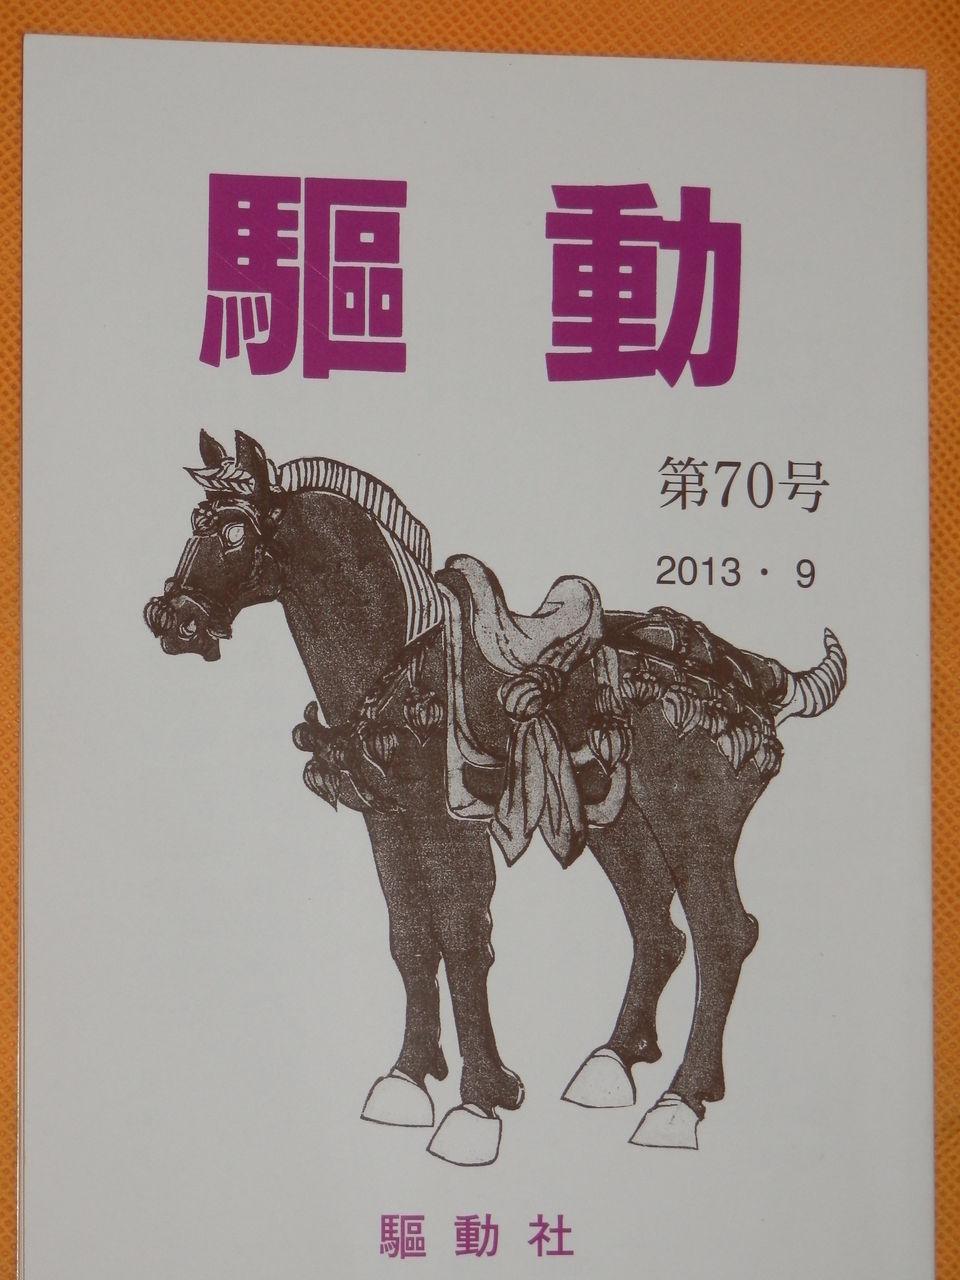 詩誌「駆動」第70号(東京・大田区)の周辺~~北 一郎 : 「詩人回廊」